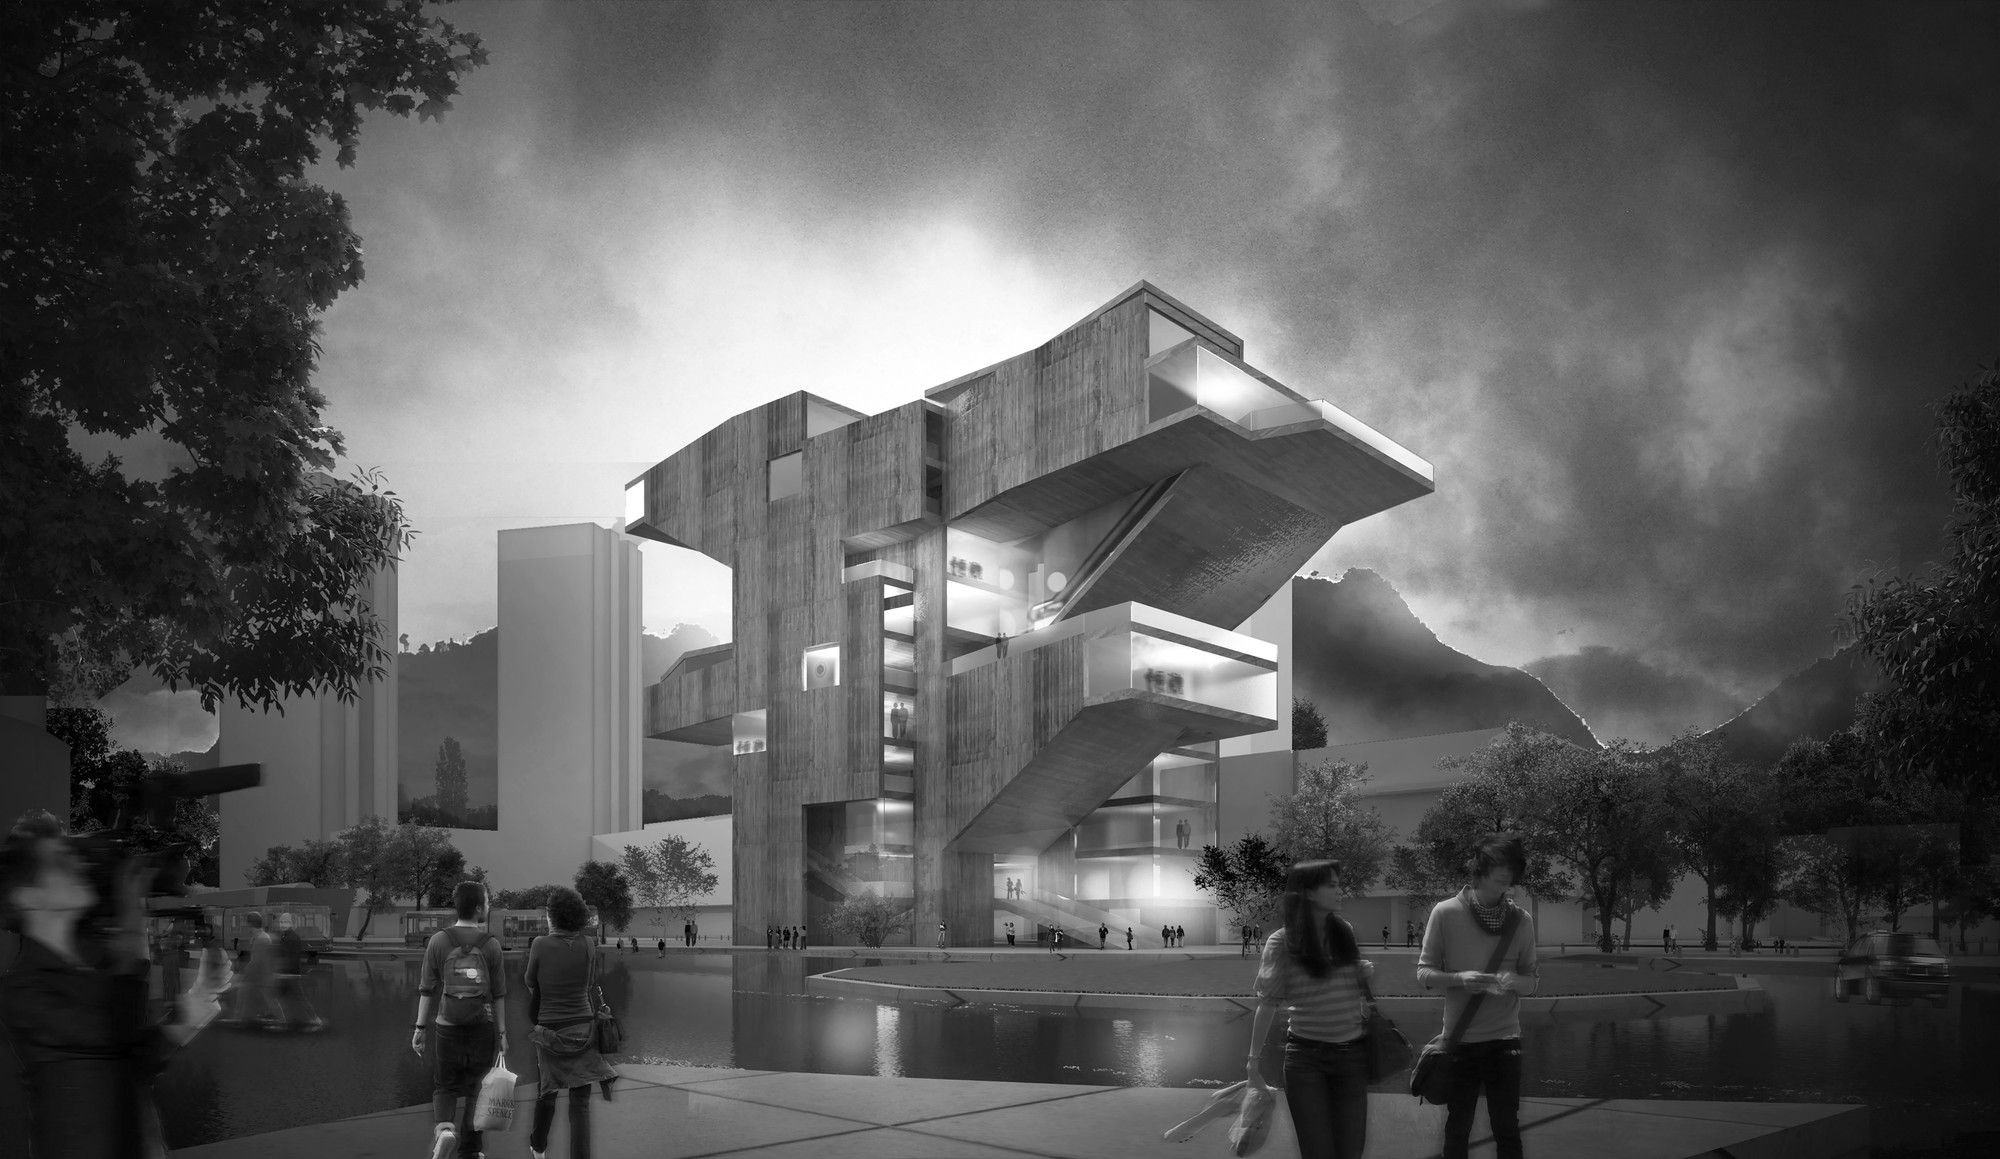 Tercer Lugar en Concurso público del diseño de nueva cinemateca distrital de Bogotá / Colombia, Cortesia de estudio.entresitio